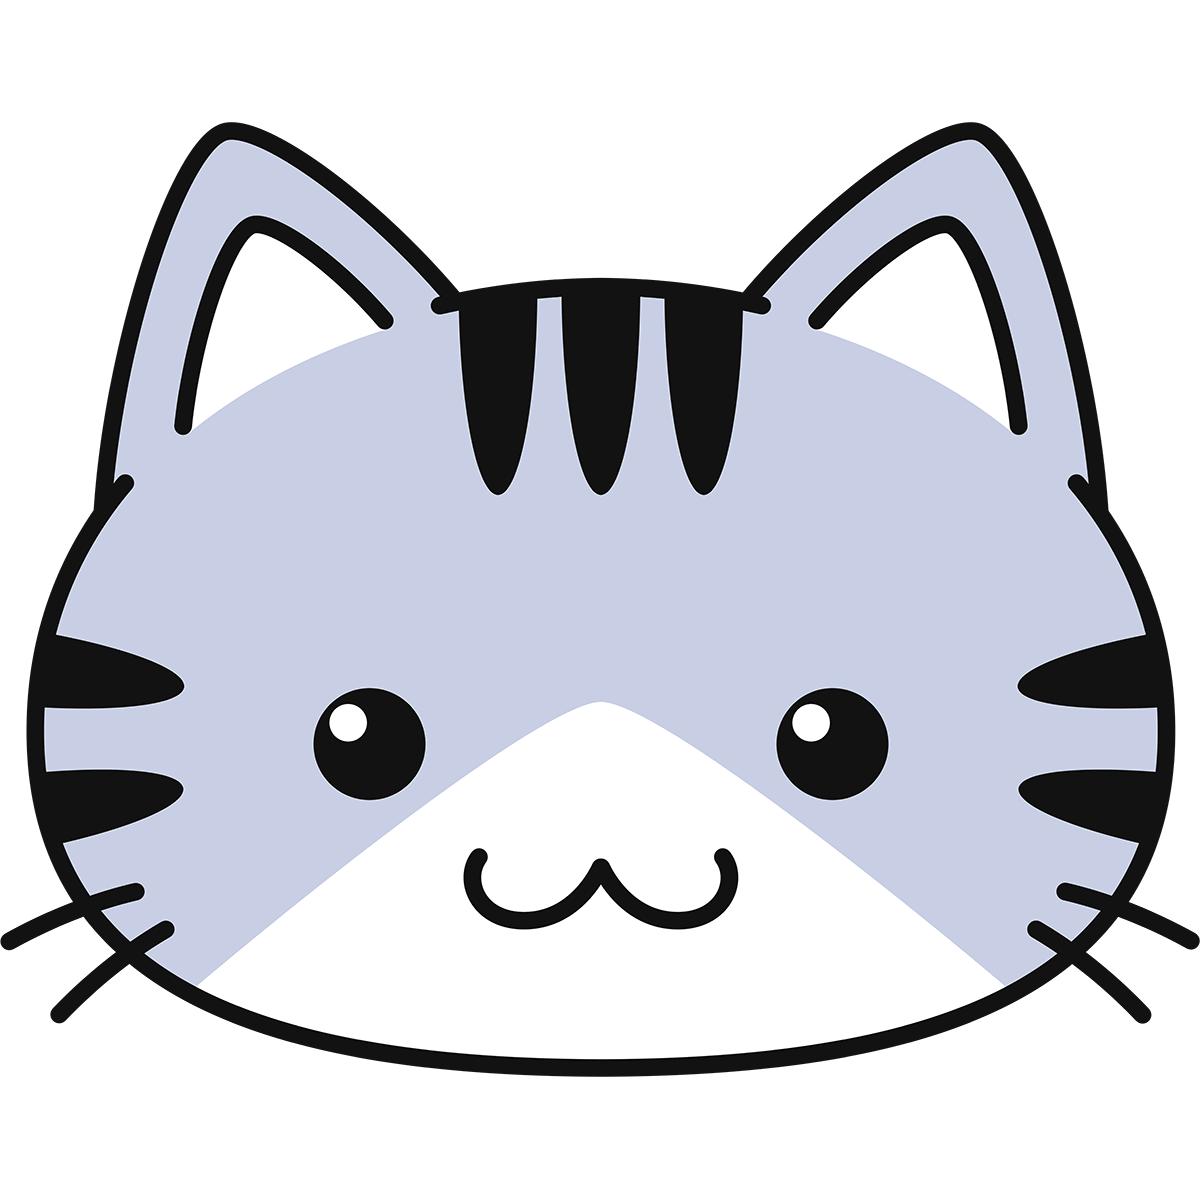 サバ白猫の顔(丸目)の無料イラスト